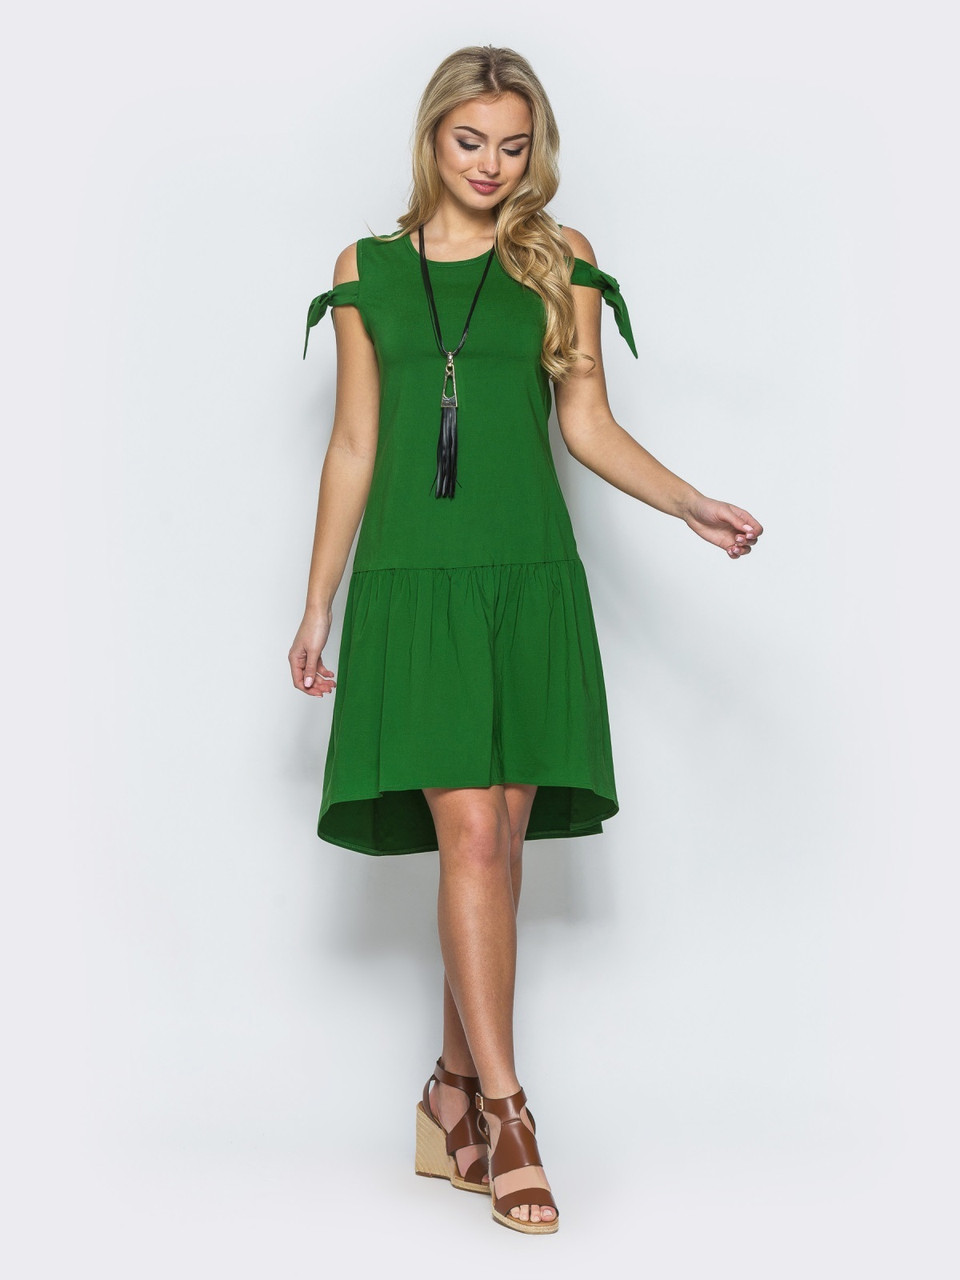 8b0b537efa1 ◼Зеленое платье с завязками на рукавах   Размер 44